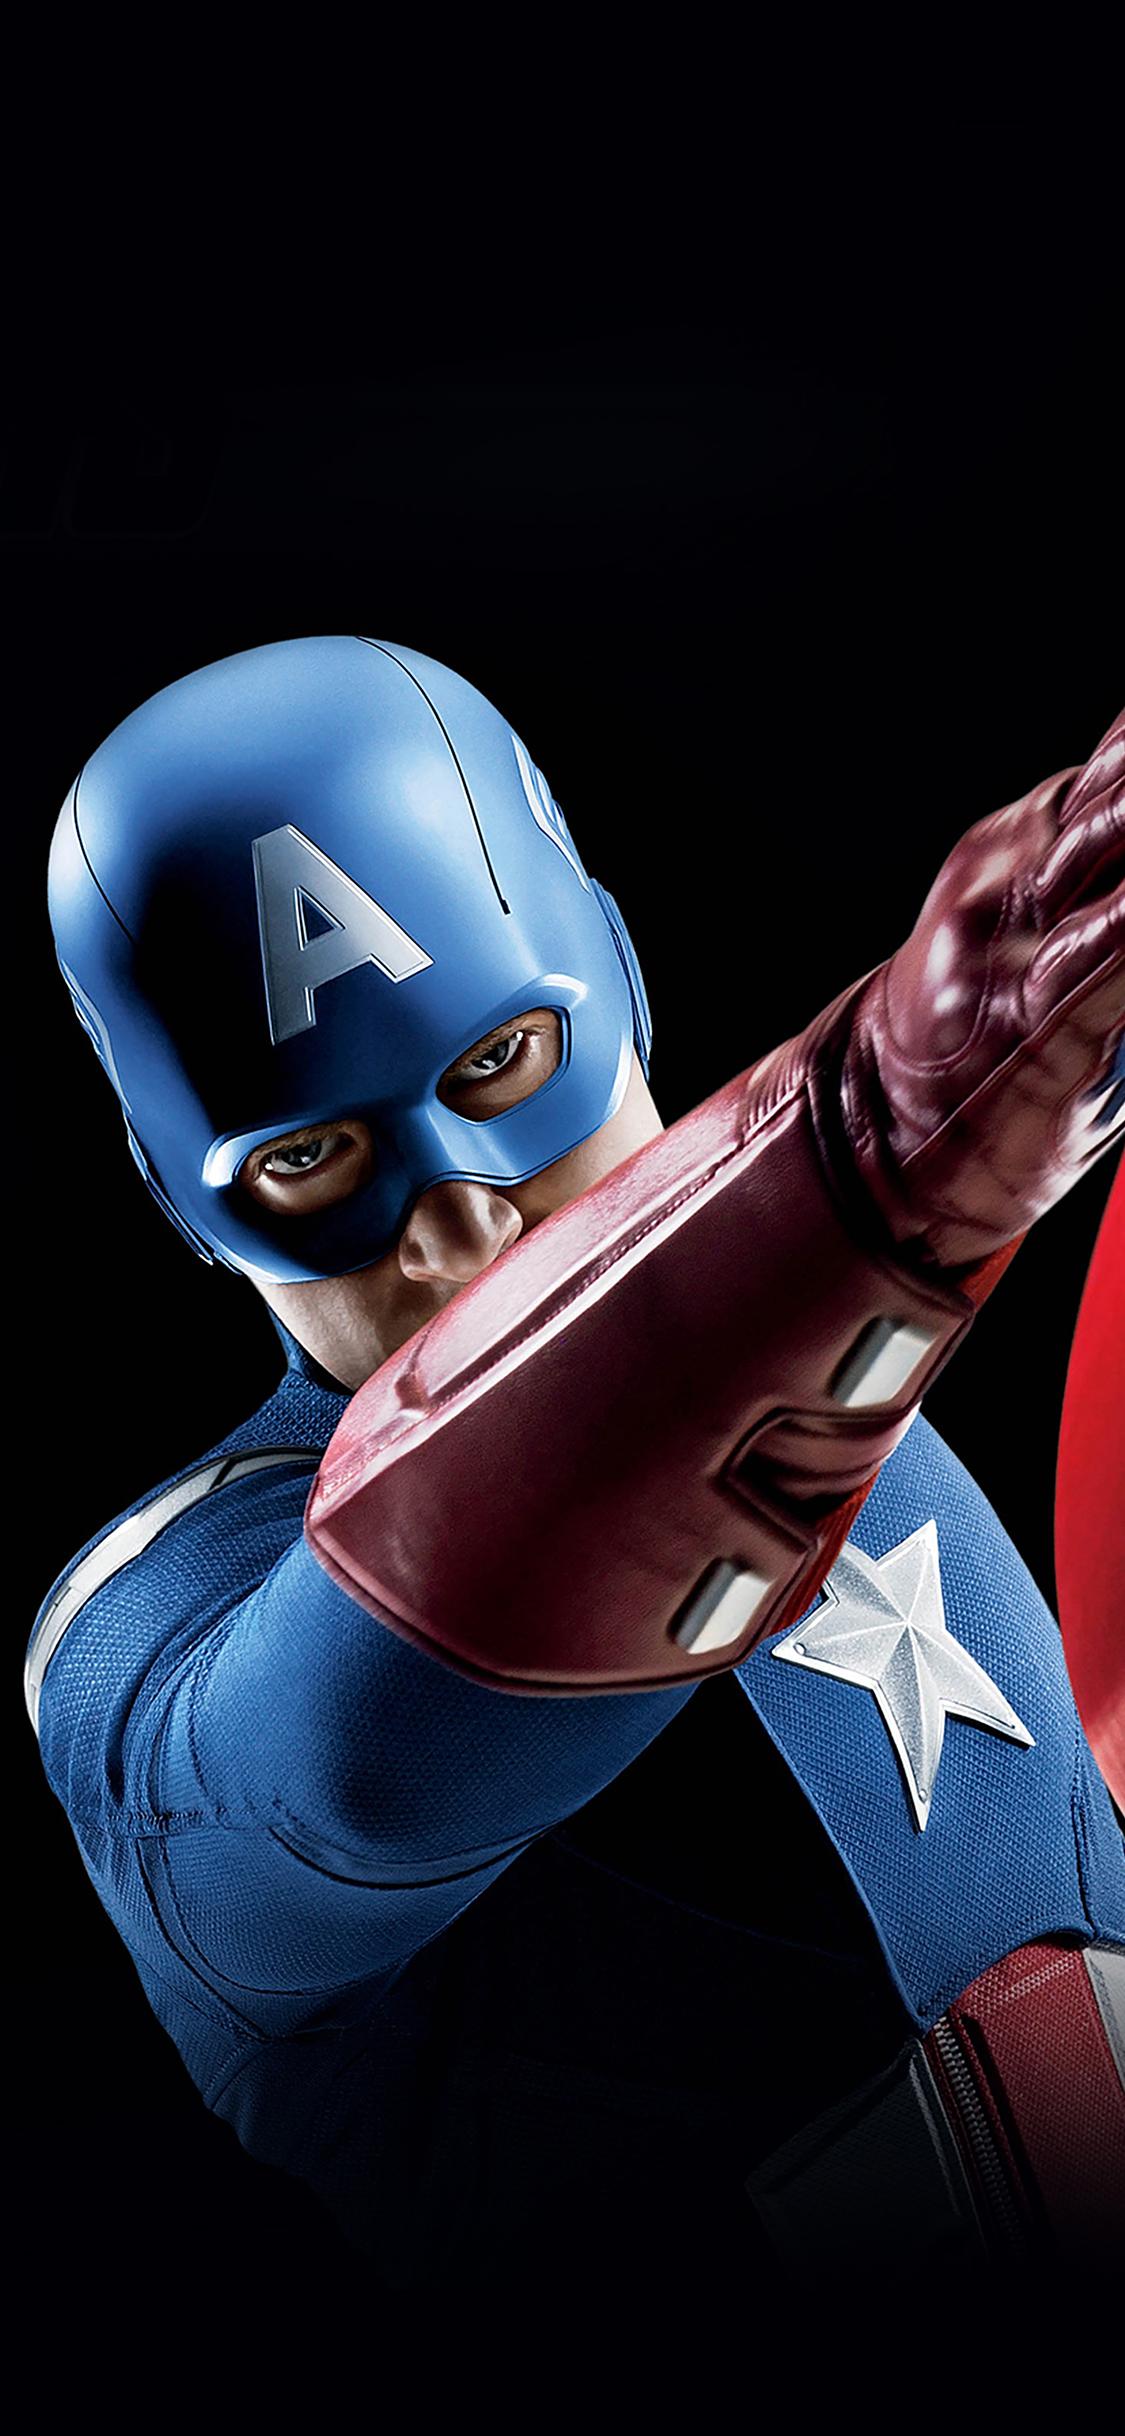 iPhoneXpapers.com-Apple-iPhone-wallpaper-af14-avengers-captain-america-illust-art-portrait